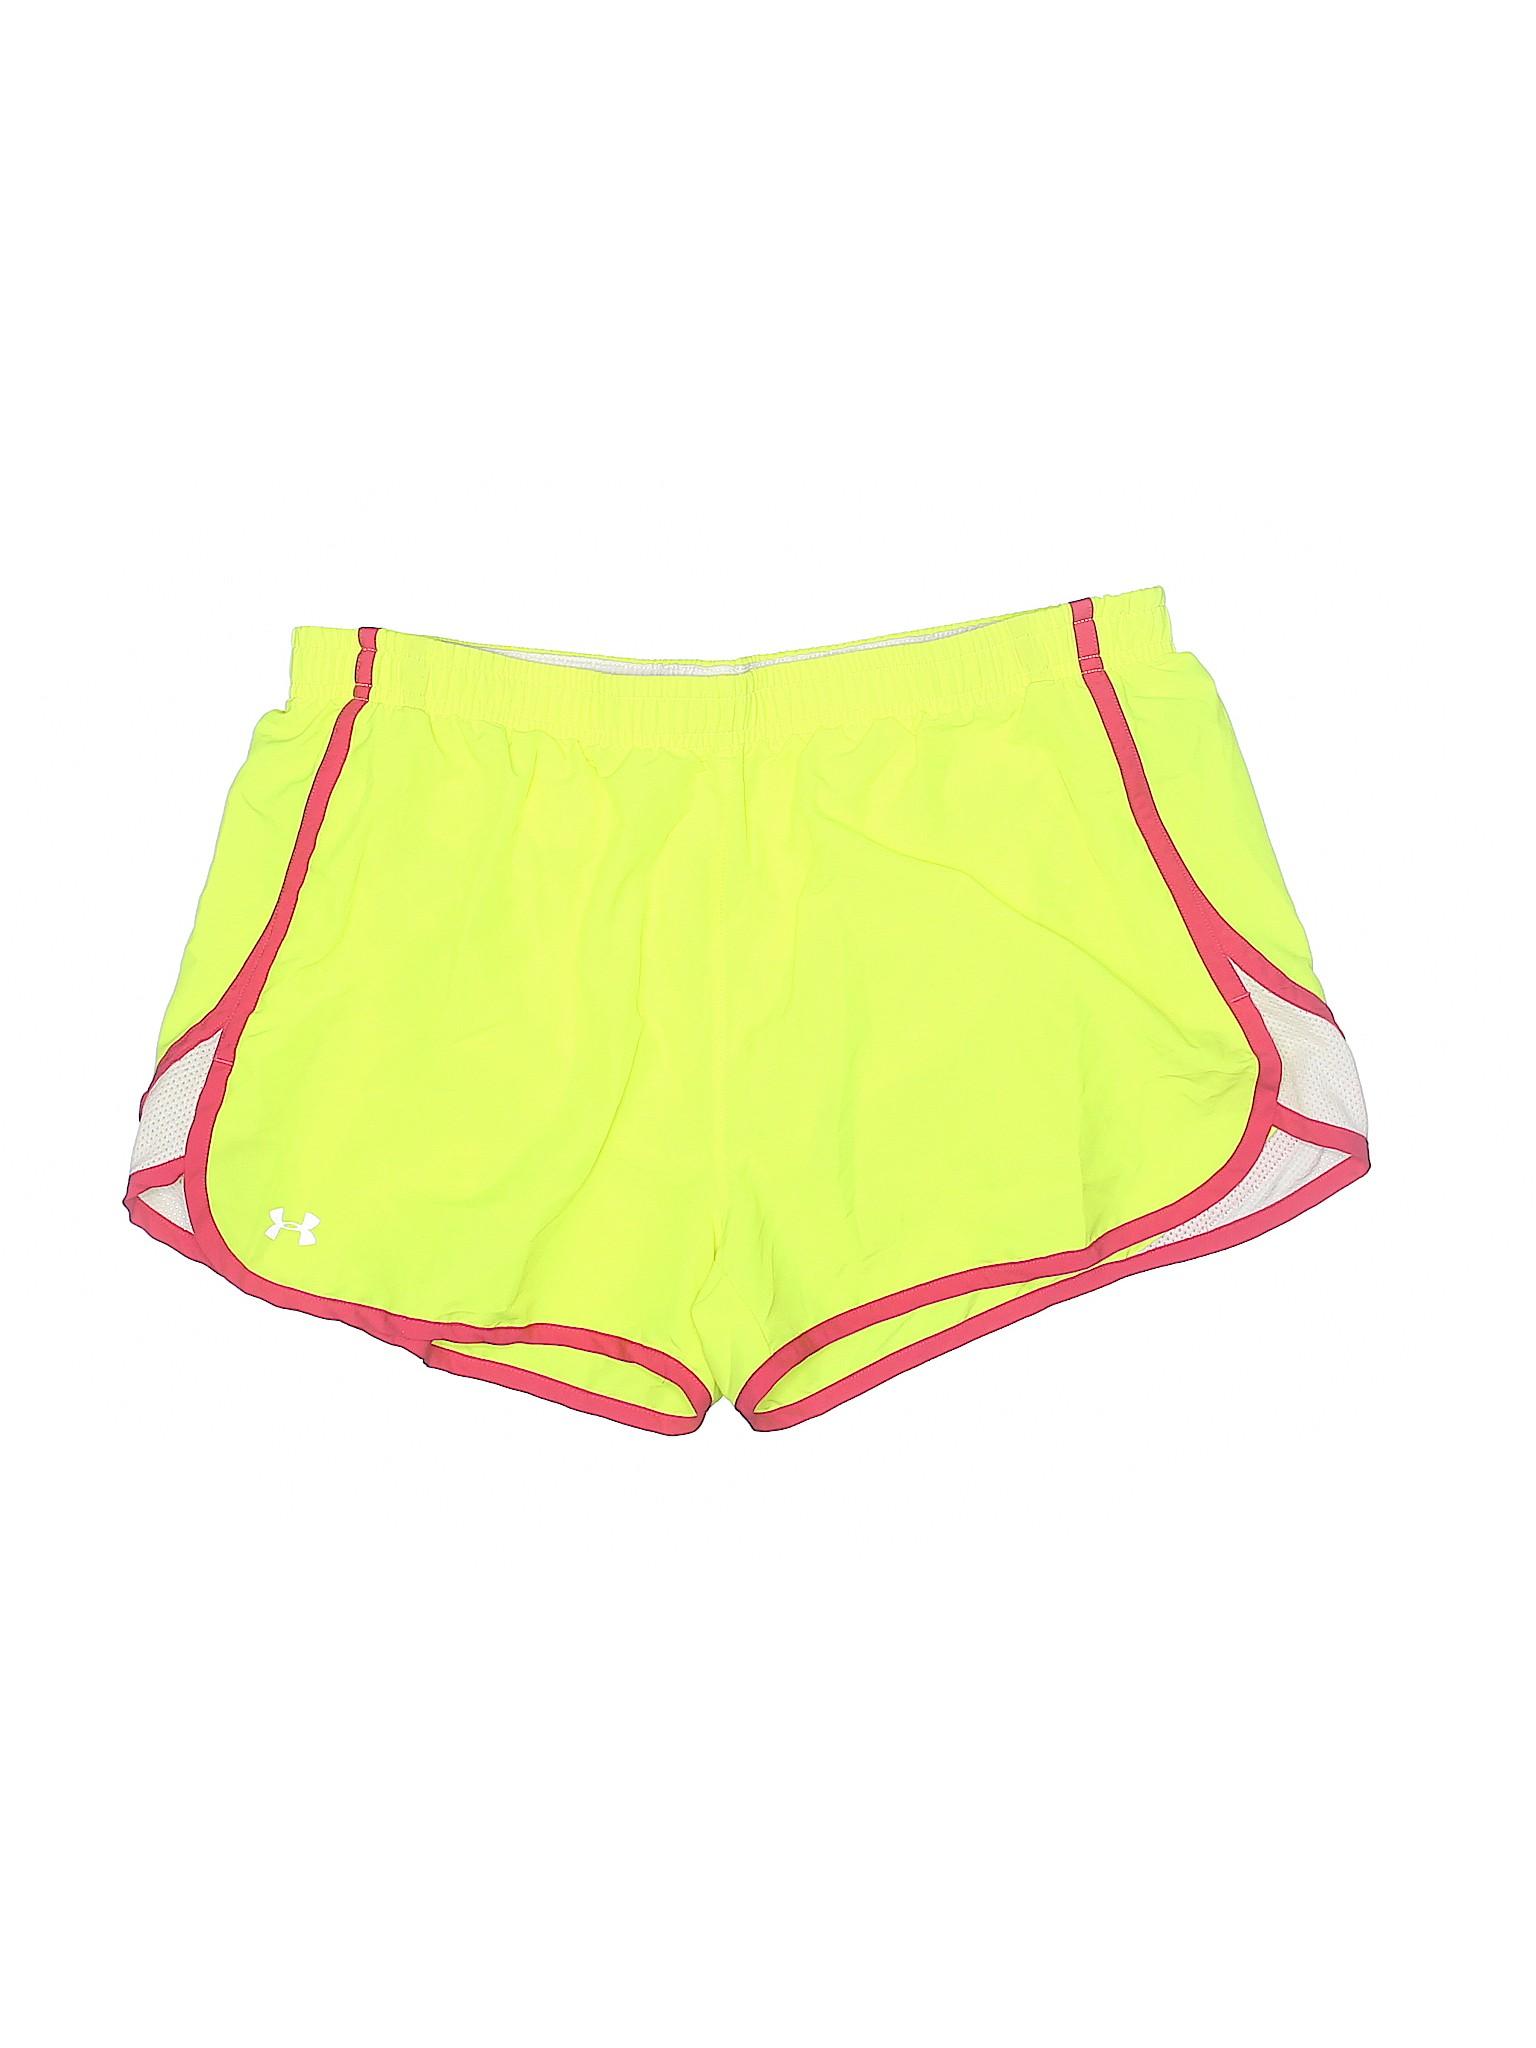 Shorts Armour Athletic Under Boutique leisure 0wqFxOnZ